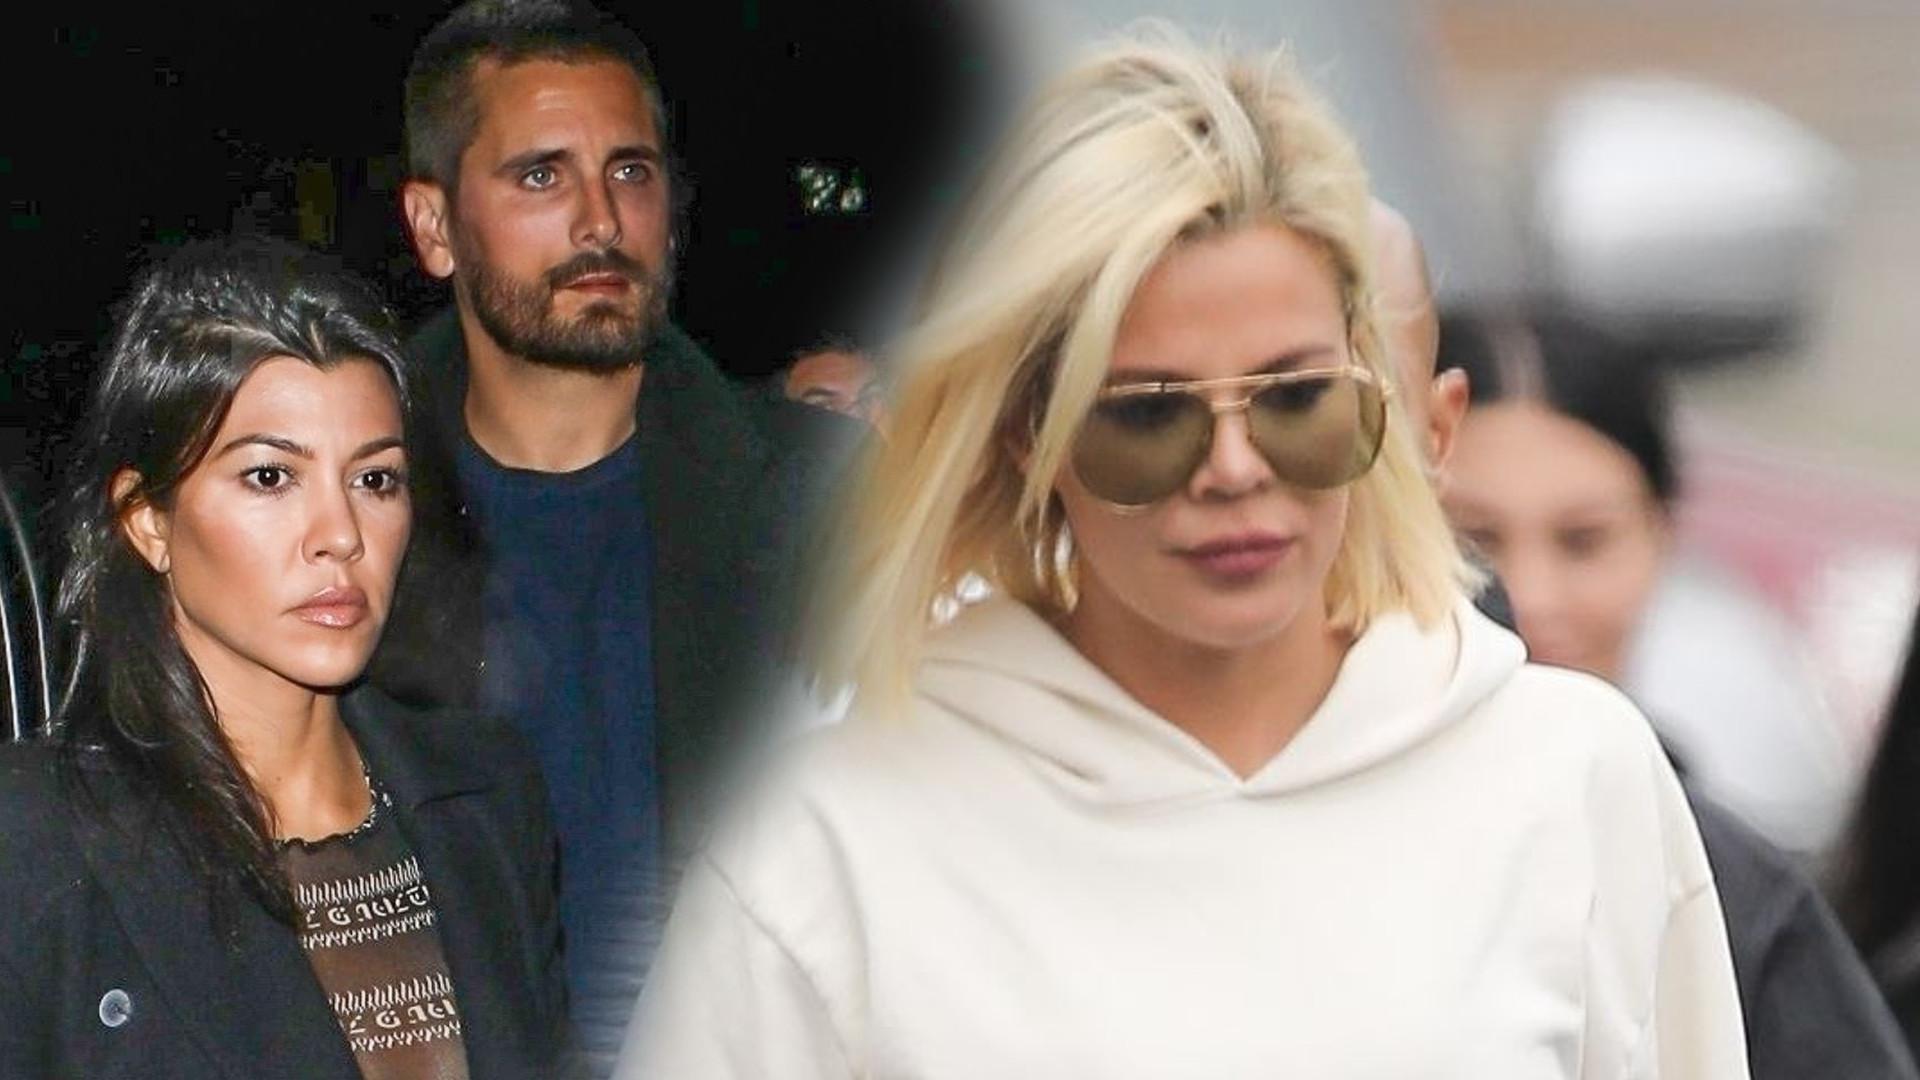 Wydało się, że Khloe Kardashian i Scott Disick mieli romans!